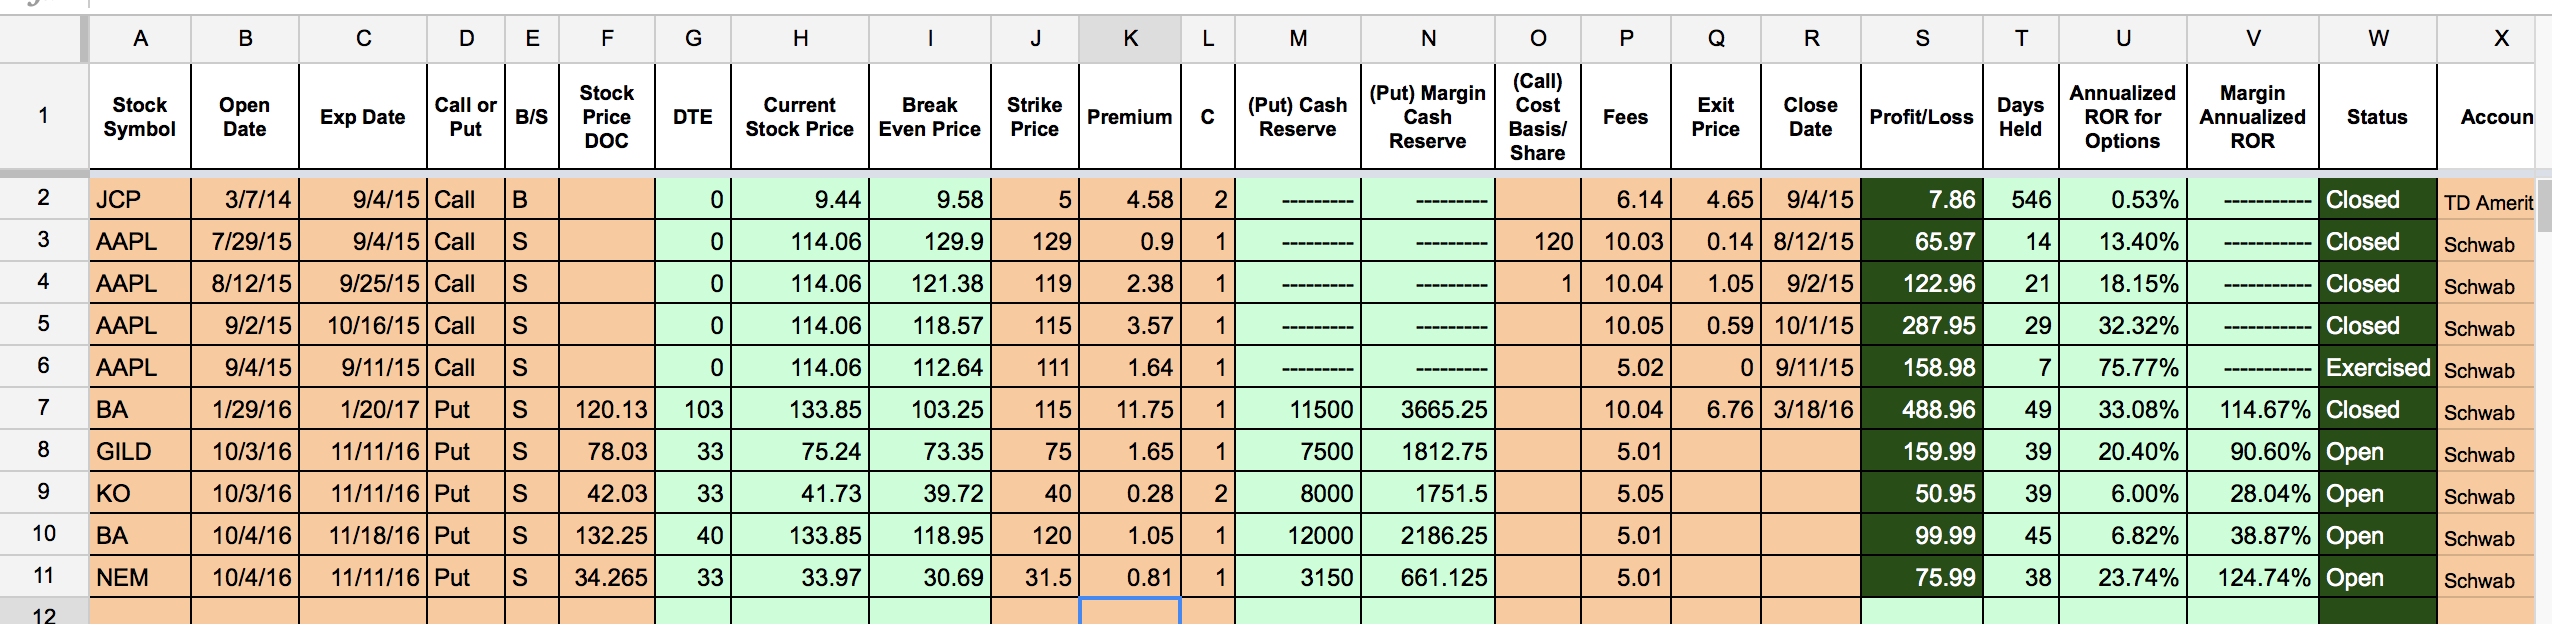 Stock Trading Spreadsheet Inside Options Tracker Spreadsheet – Two Investing